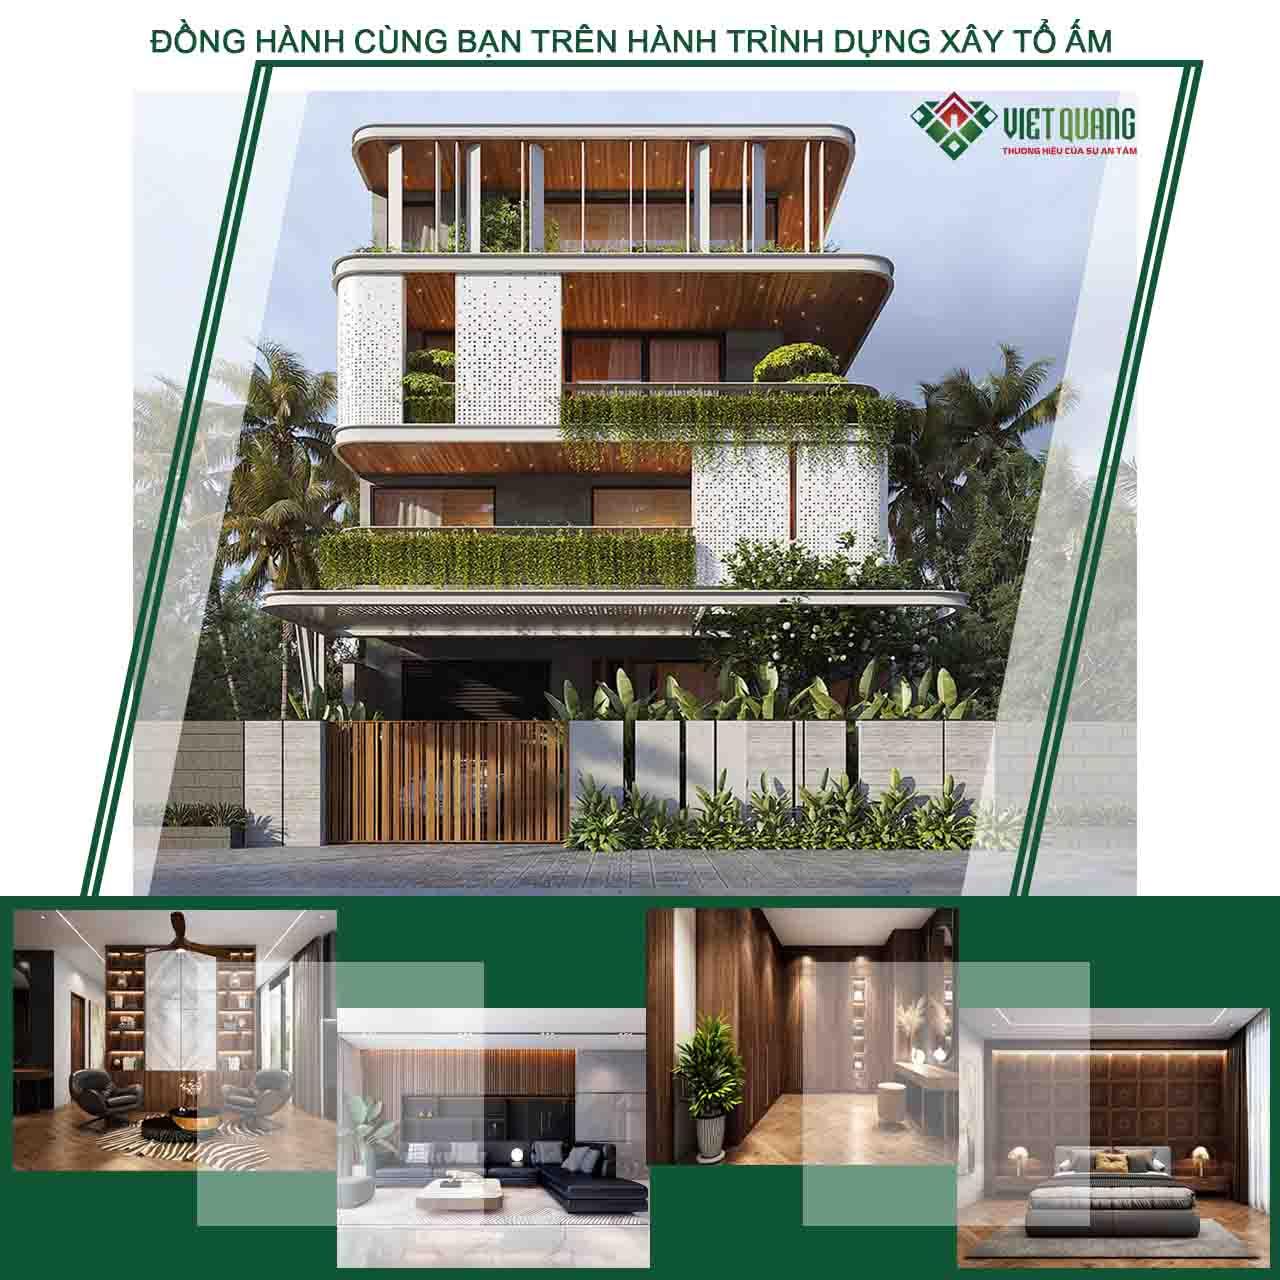 Mẫu thiết kế nhà biệt thự 4 tầng